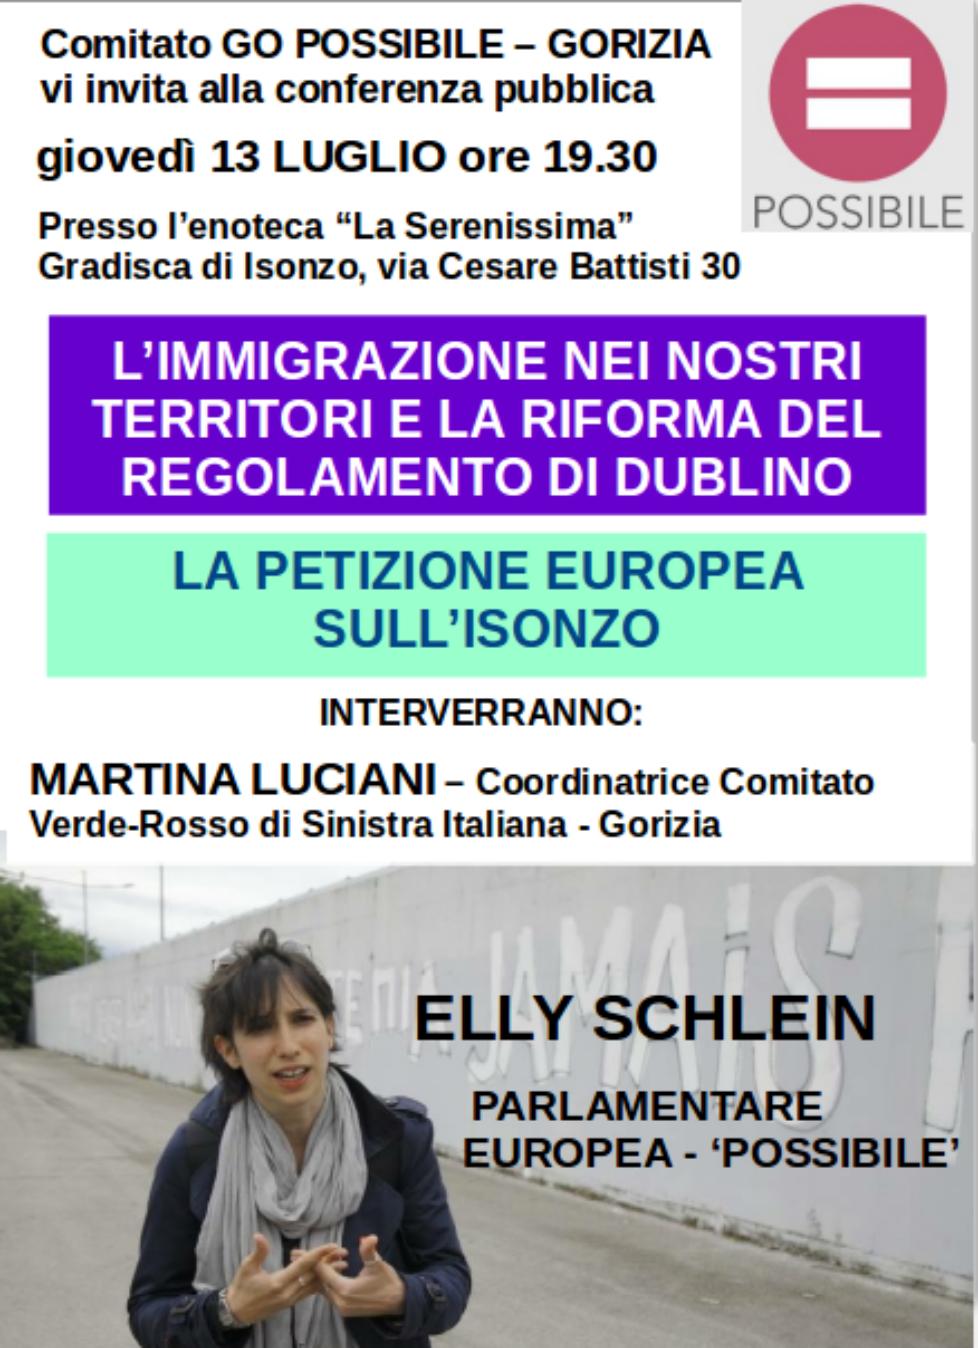 a Gorizia: immigrazione, riforma di Dublino, petizione Europea sull'Isonzo